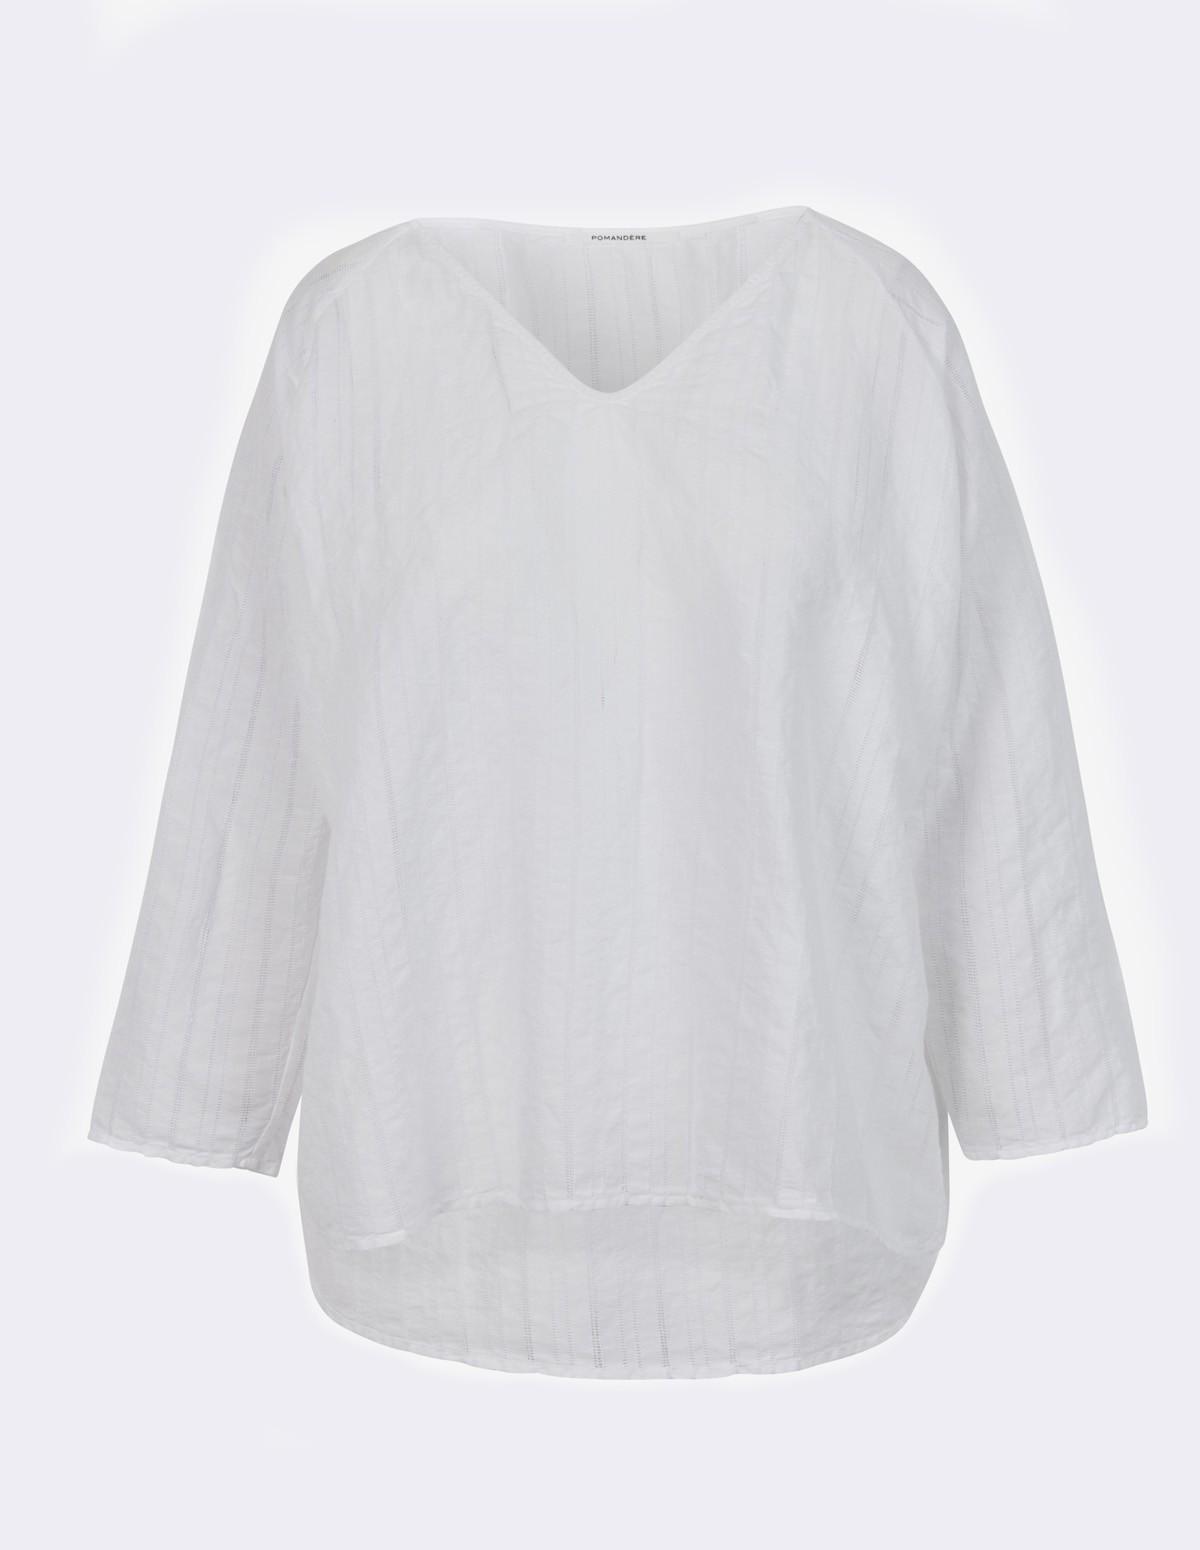 Pom 9271/50766 Top - WHITE 10